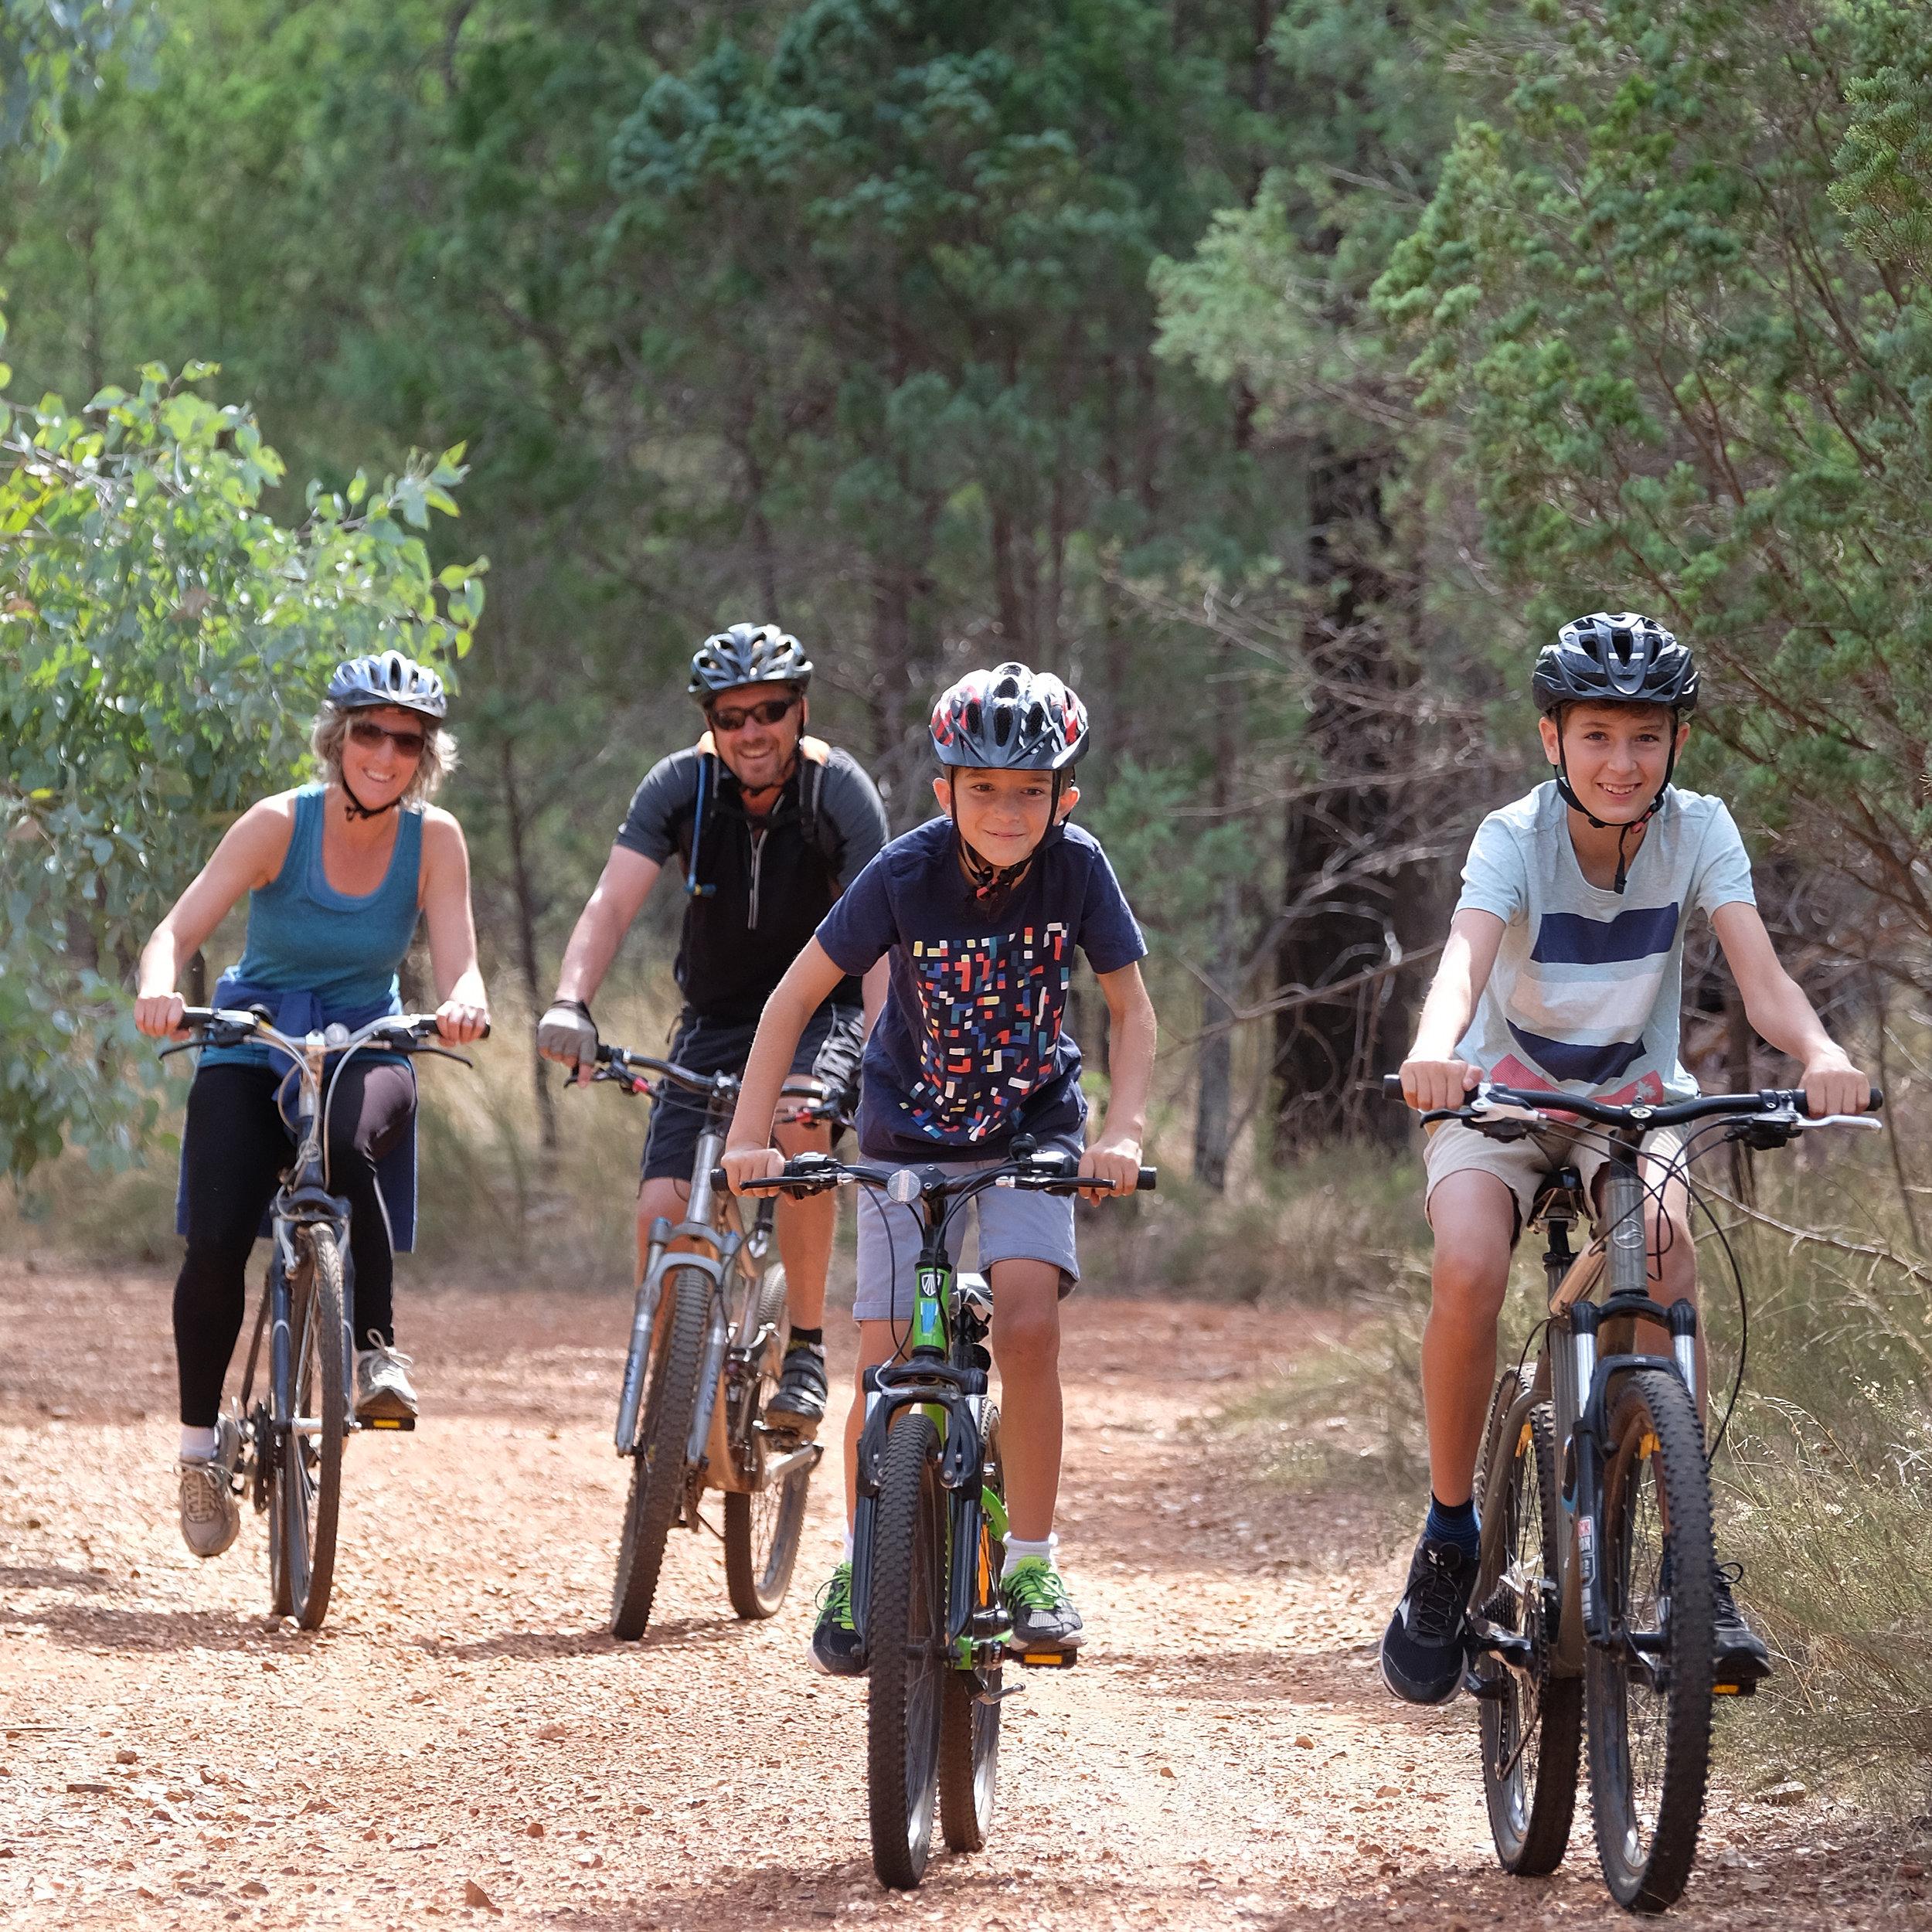 The De Hann family enjoying Kindra Park Forrest Tracks.